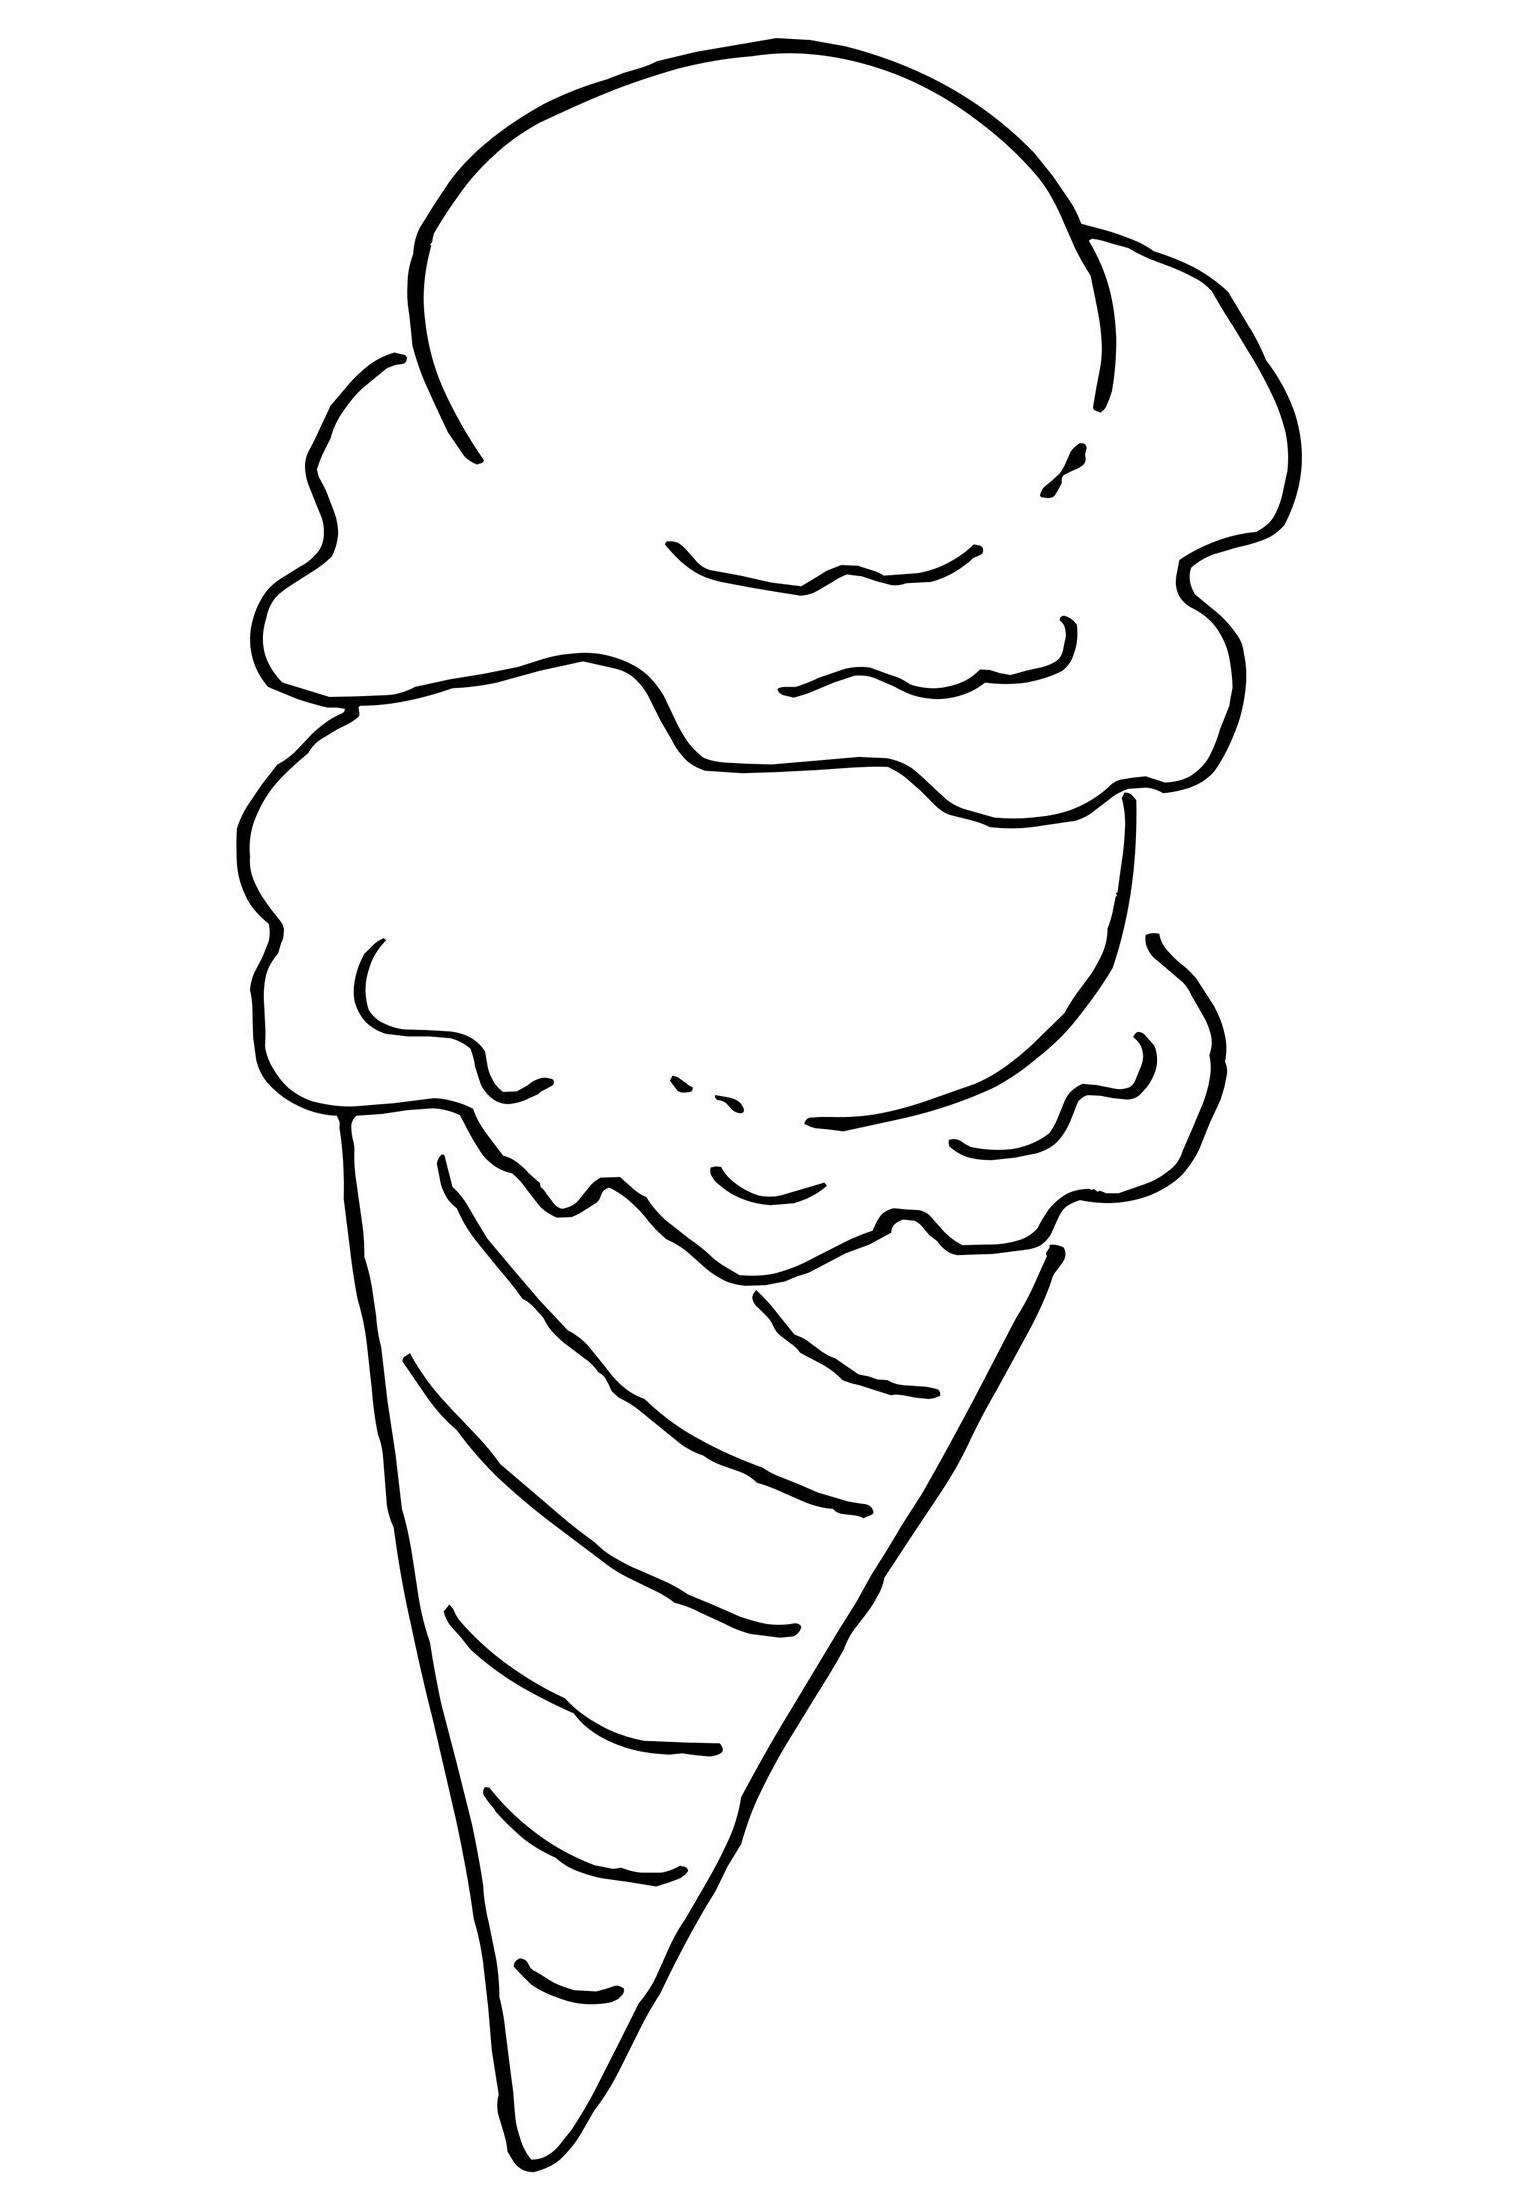 ijsje12